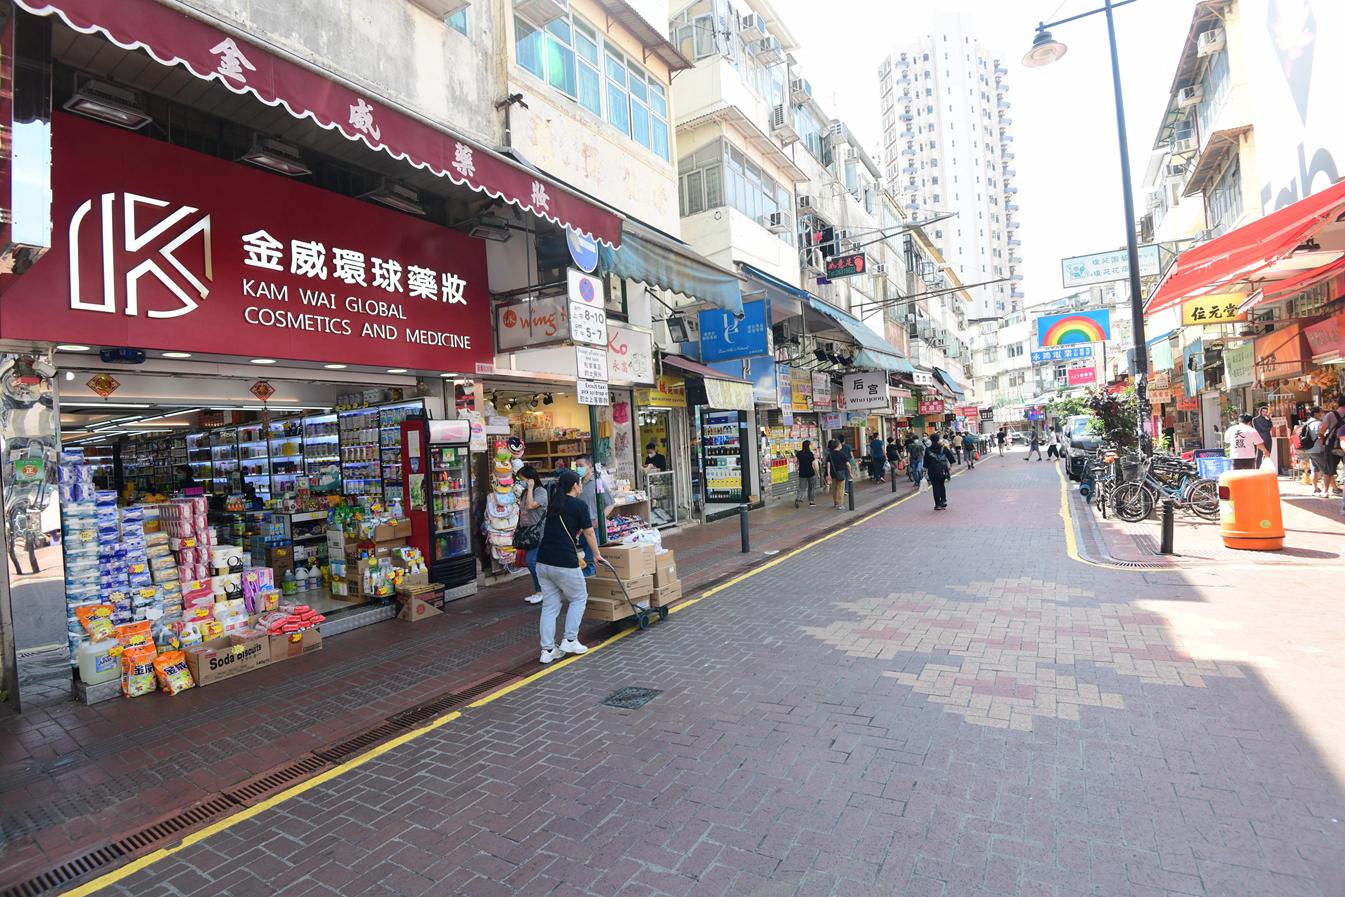 香港守得住疫情撑得过经济寒冬 林郑忧经不起暴力折磨